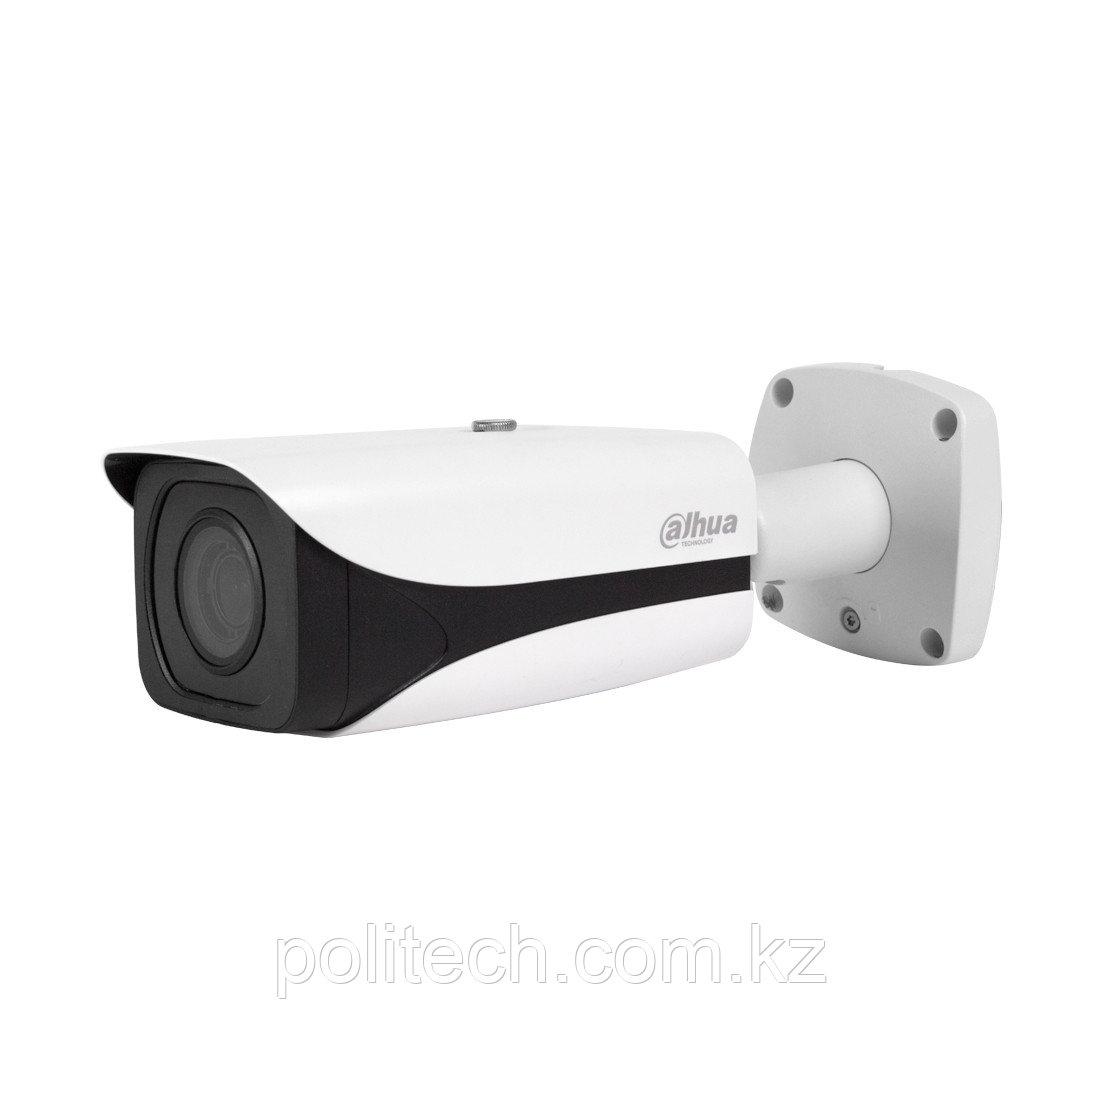 Цилиндрическая видеокамера Dahua DH-IPC-HFW8231EP-Z